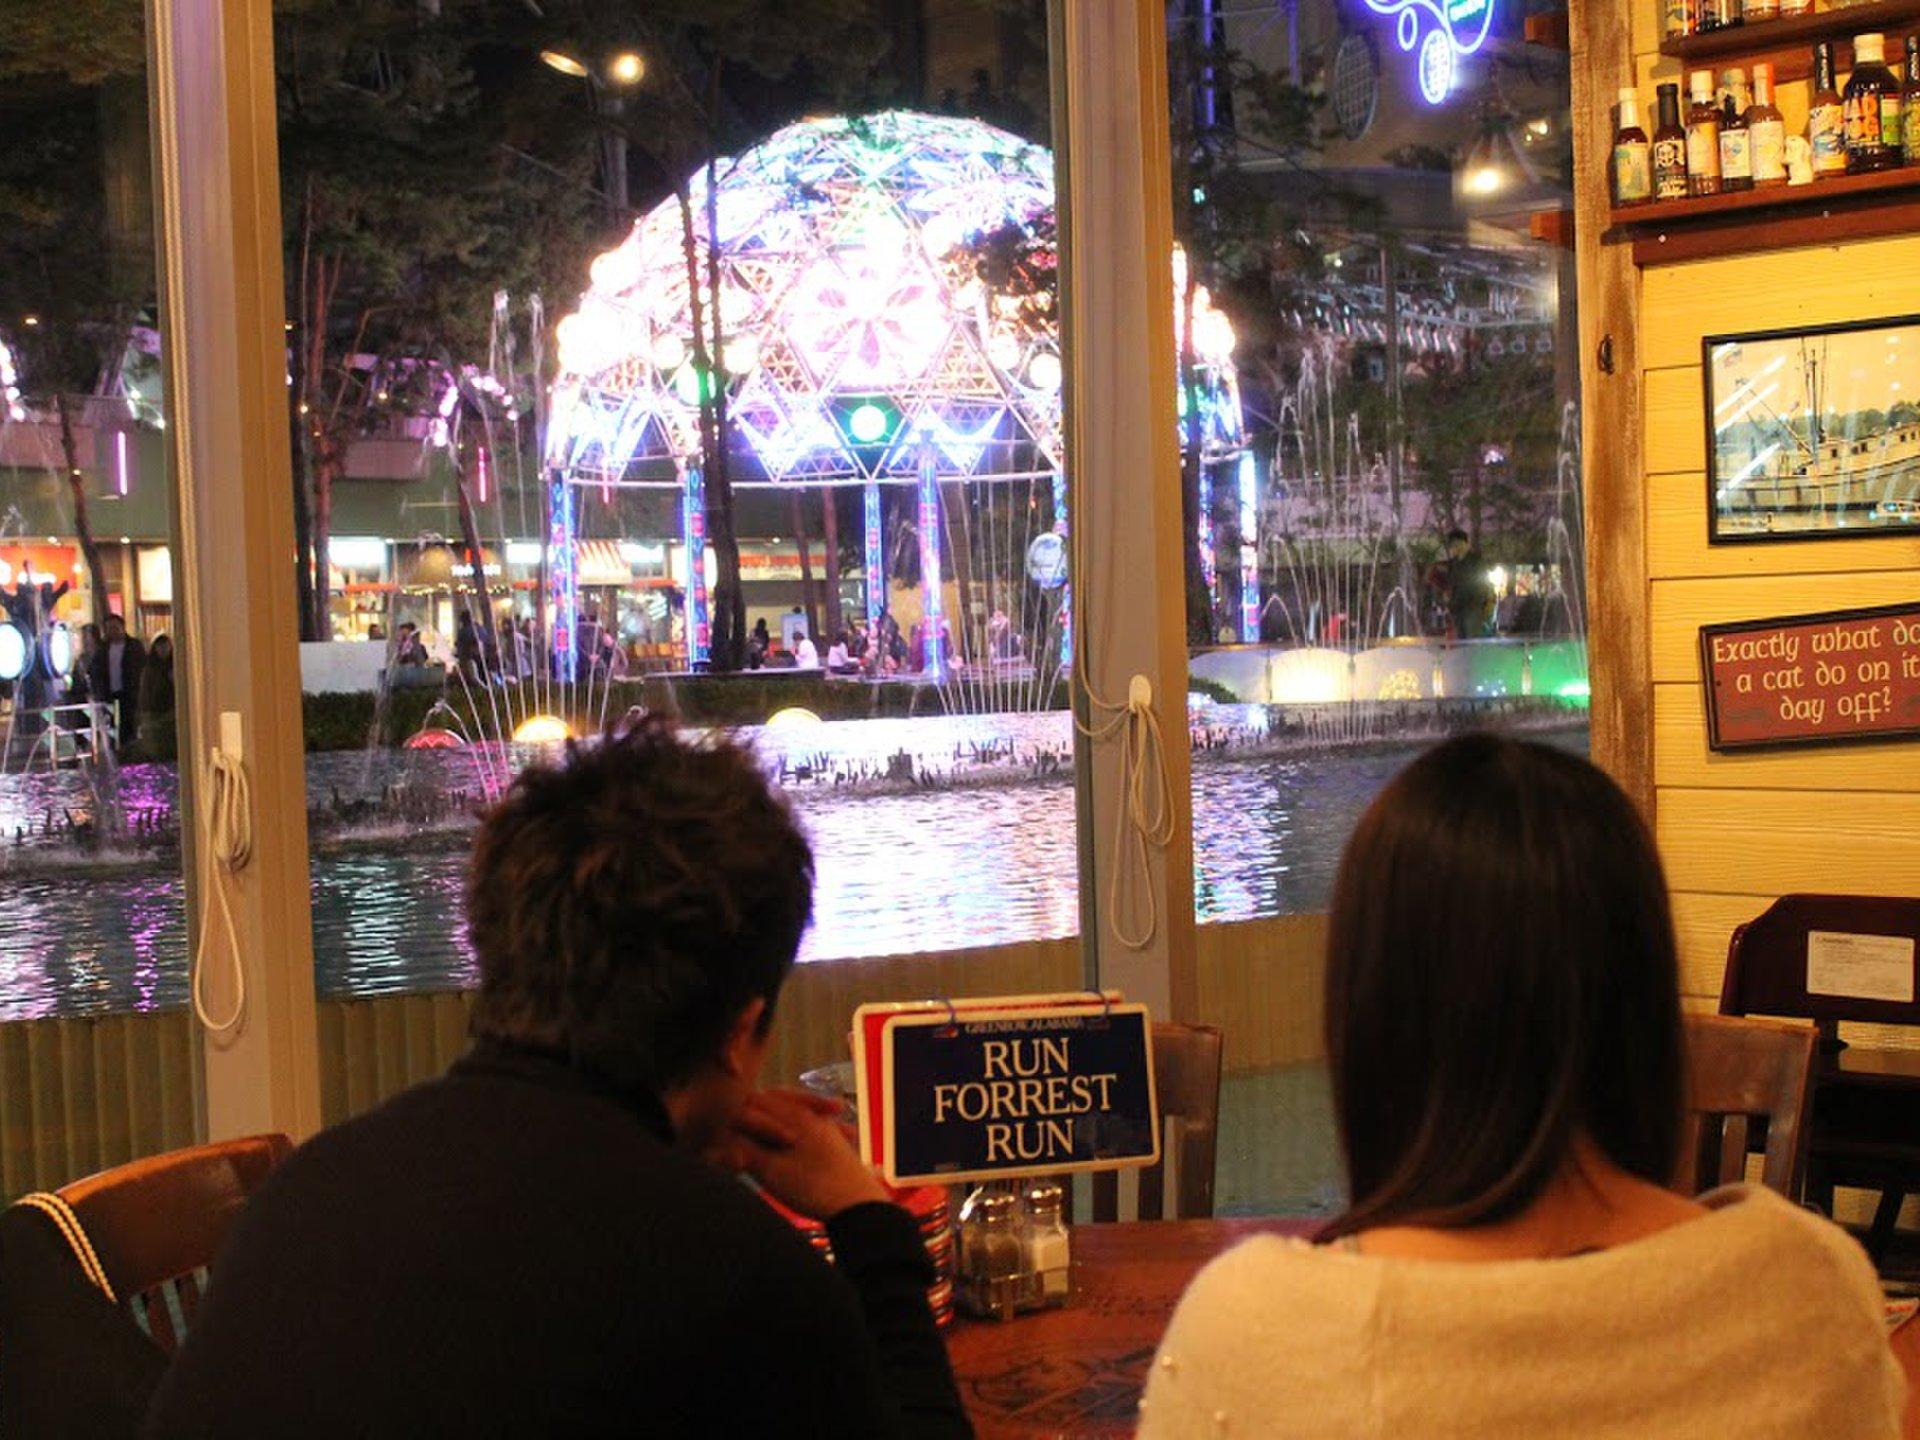 冬の東京カップルにおすすめ♡室内デートスポット13選&デートプラン4つをご紹介!